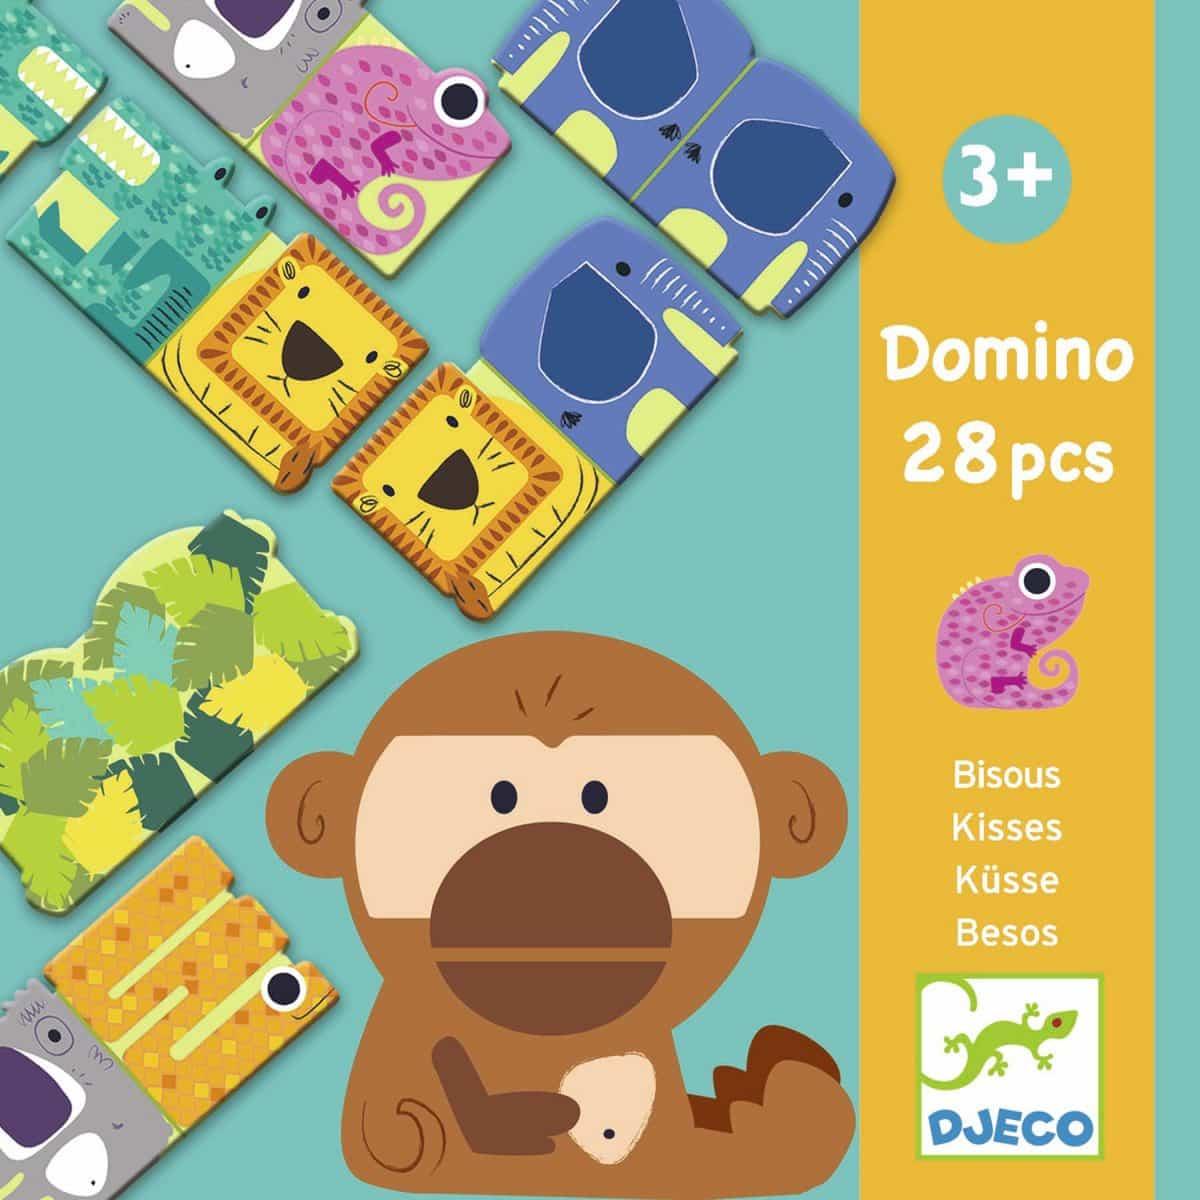 Domino Bisous - Jeu De 28 Dominos Géants D'Animaux Pour à Jeux Domino Gratuit En Ligne